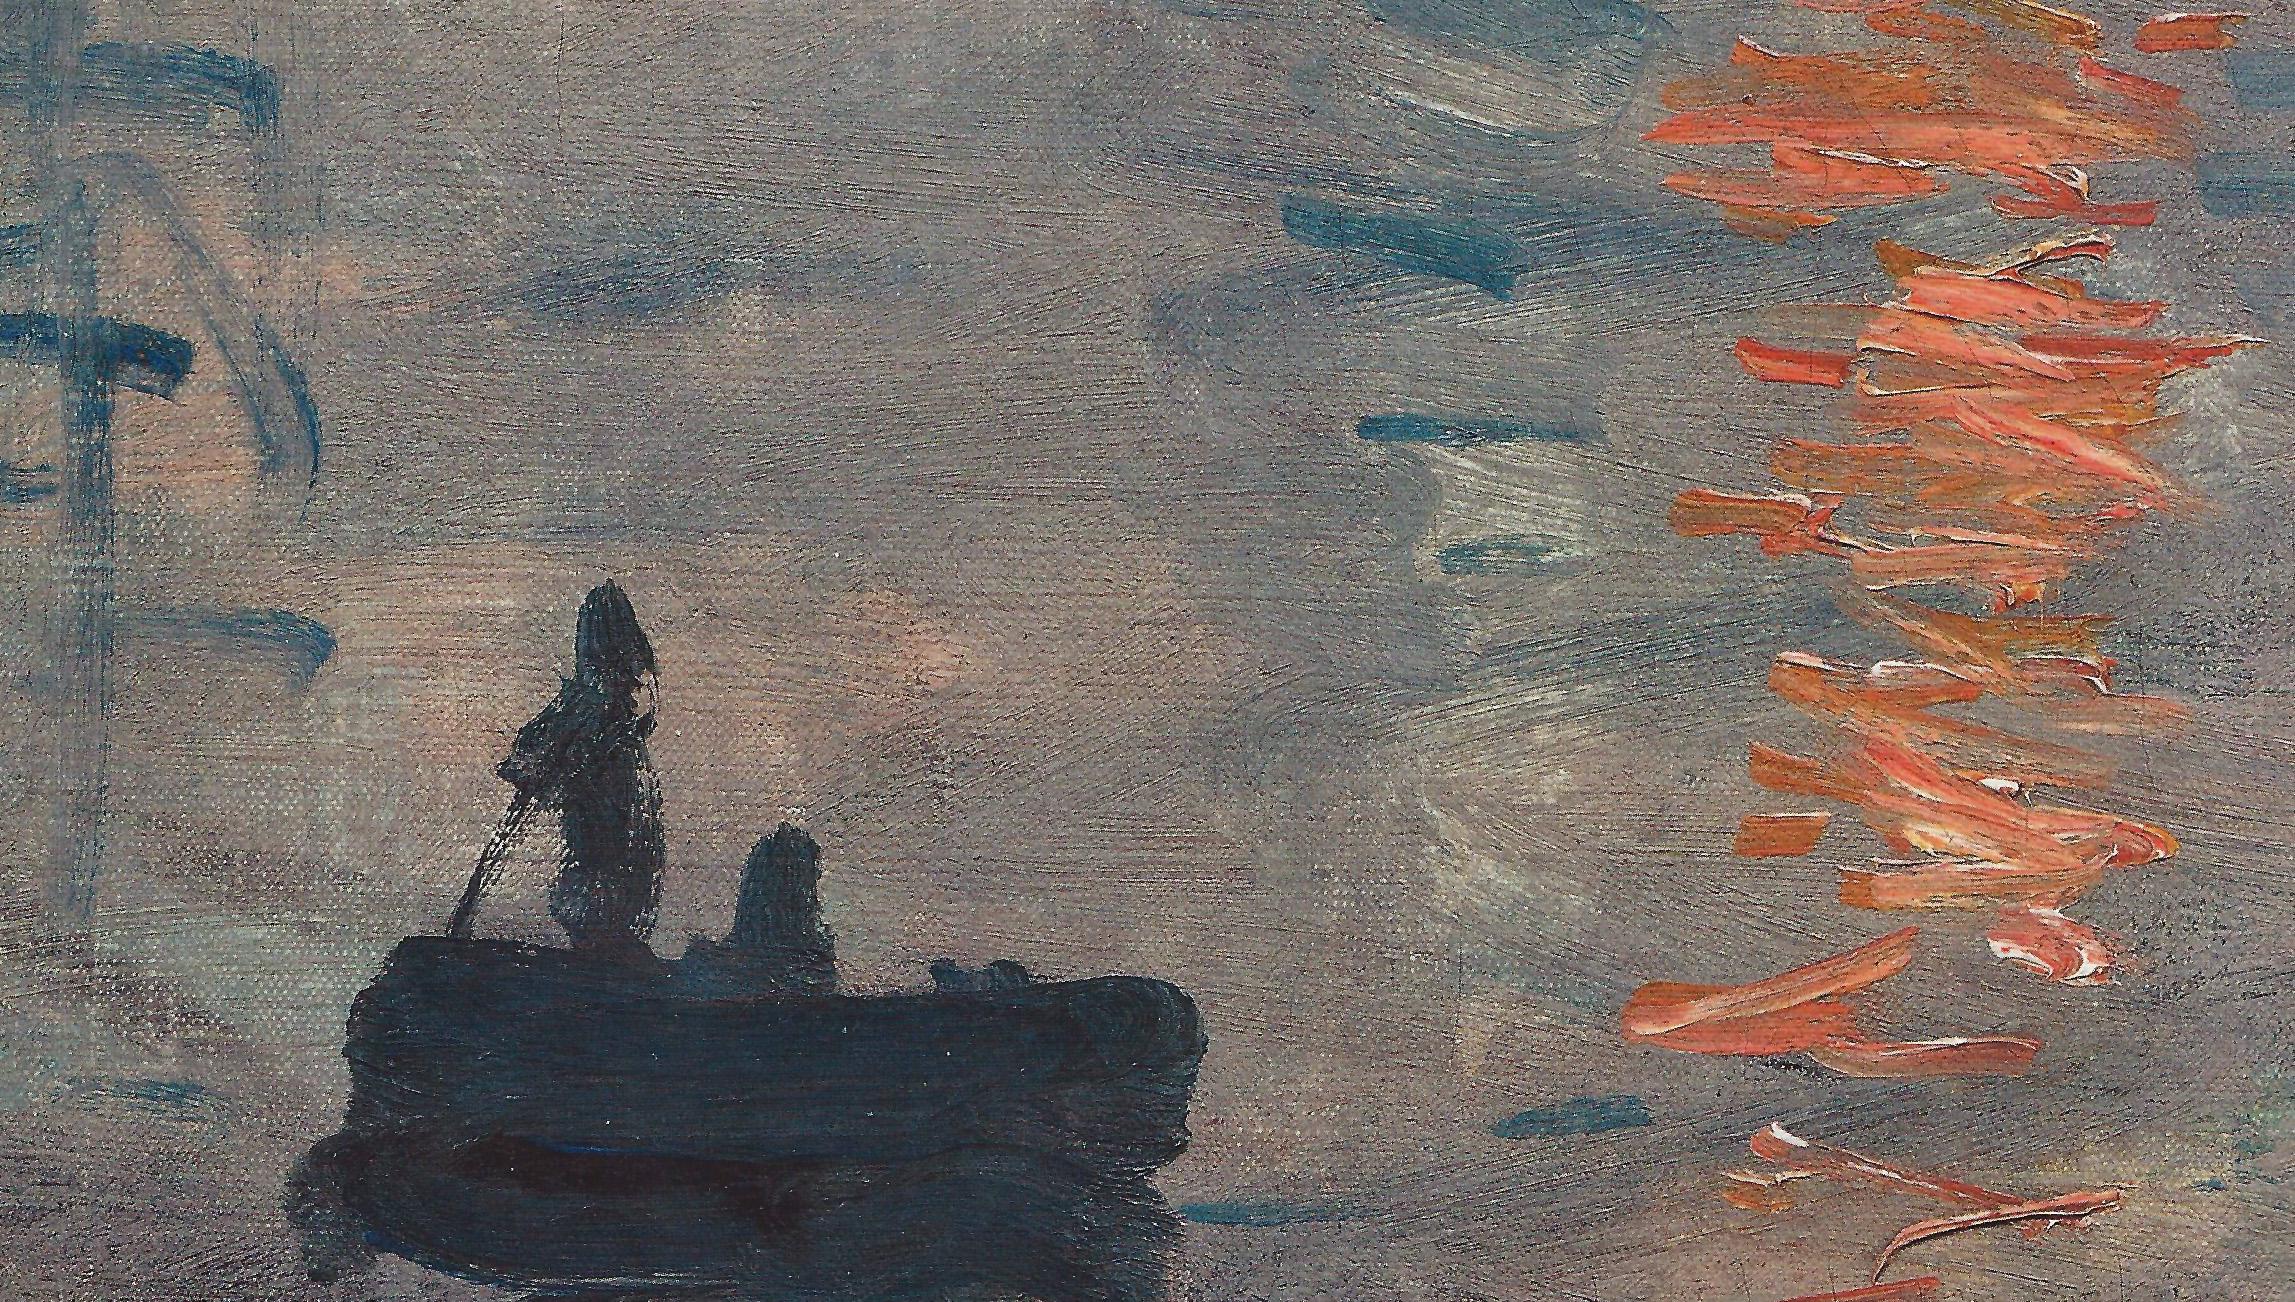 Пейзажи природы картины Клод Моне Impression Sunrise Альберт Сафиуллин